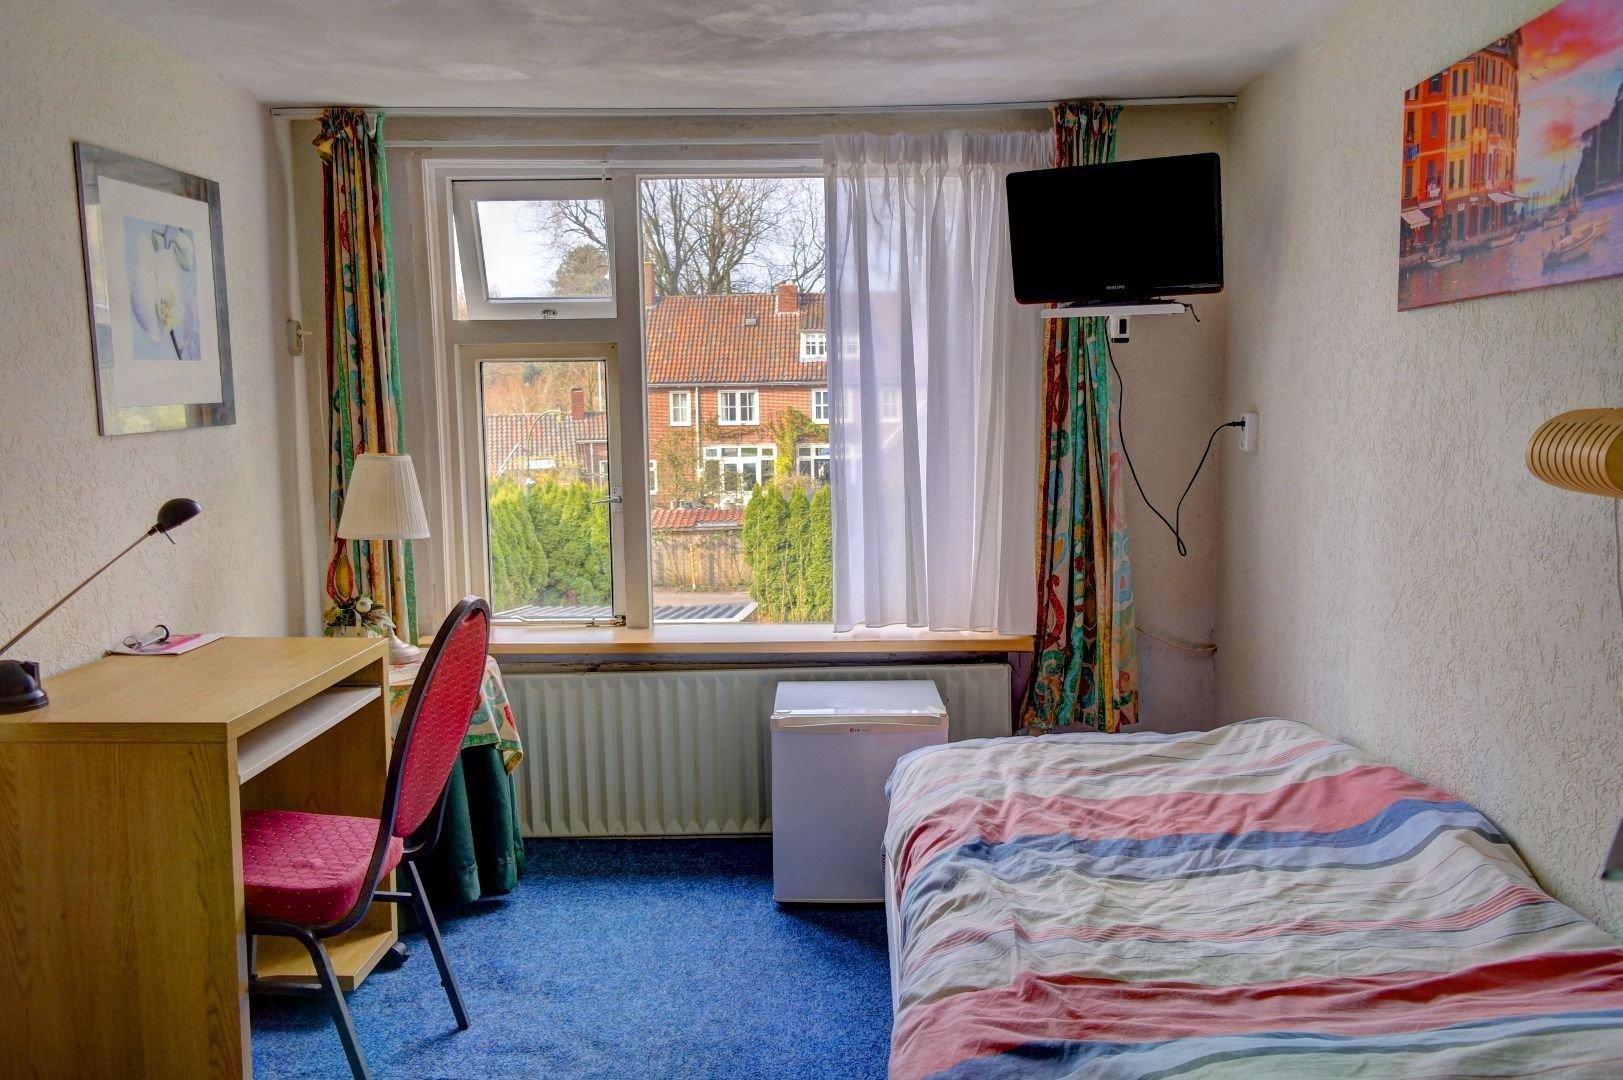 Pension van dijk kamers - Badkamer in een kamer ...